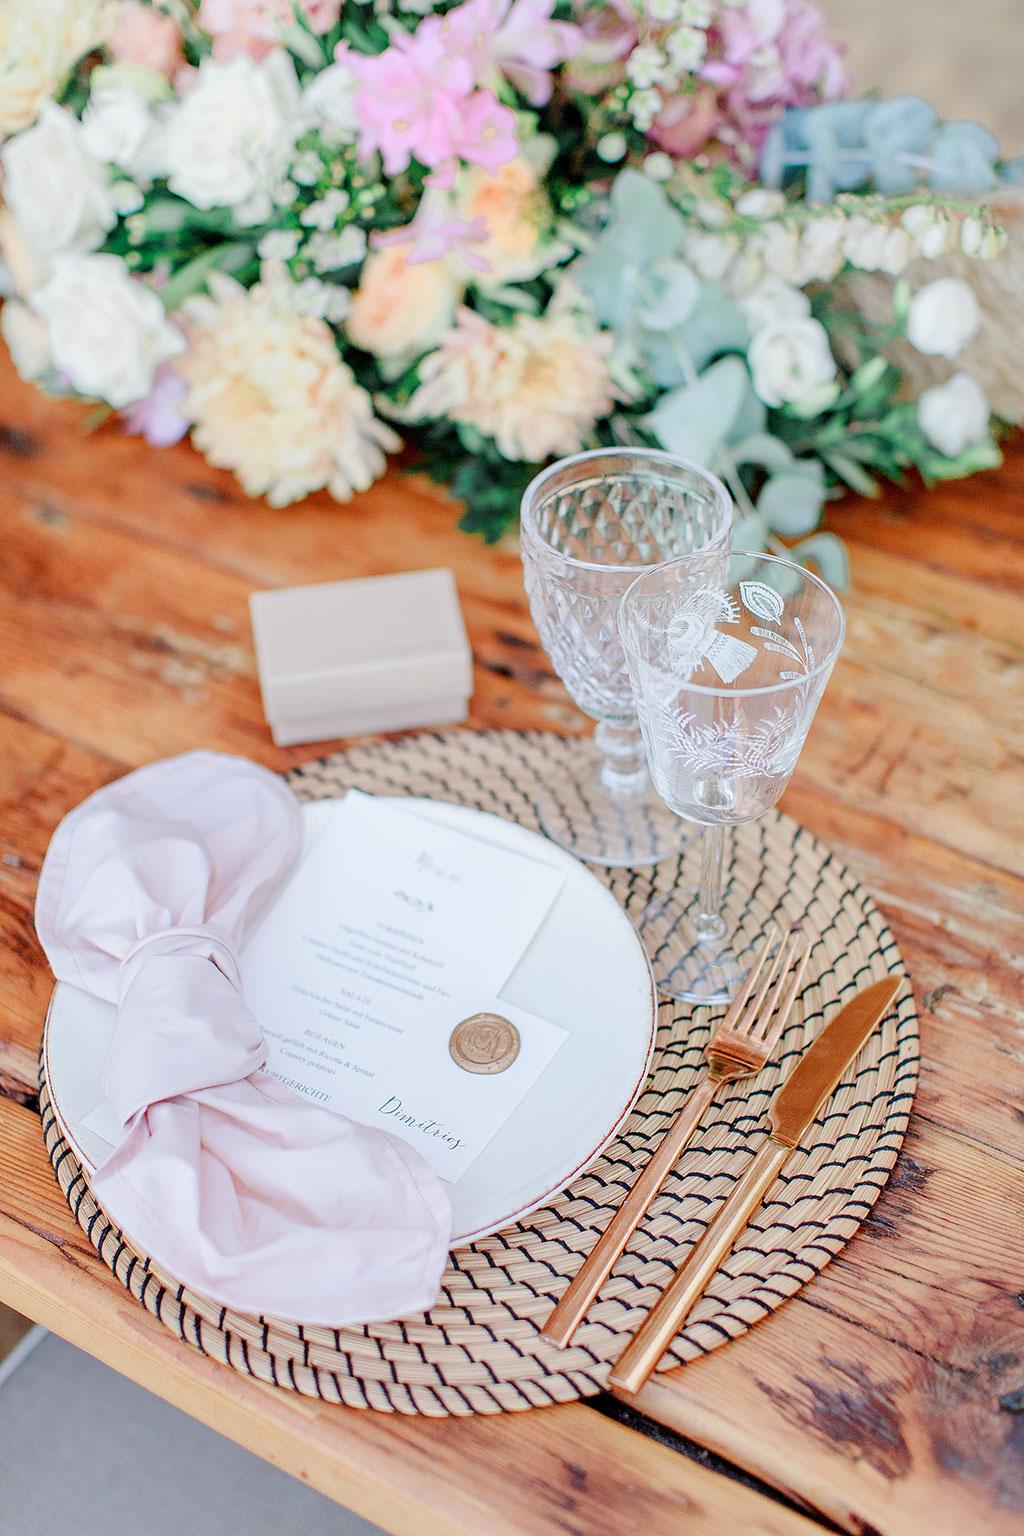 Φωτογράφος γάμου Χαλκιδική, δεξίωση γάμου σε beach bar στη Χαλκιδική, groom's wedding table detail with name card and menu